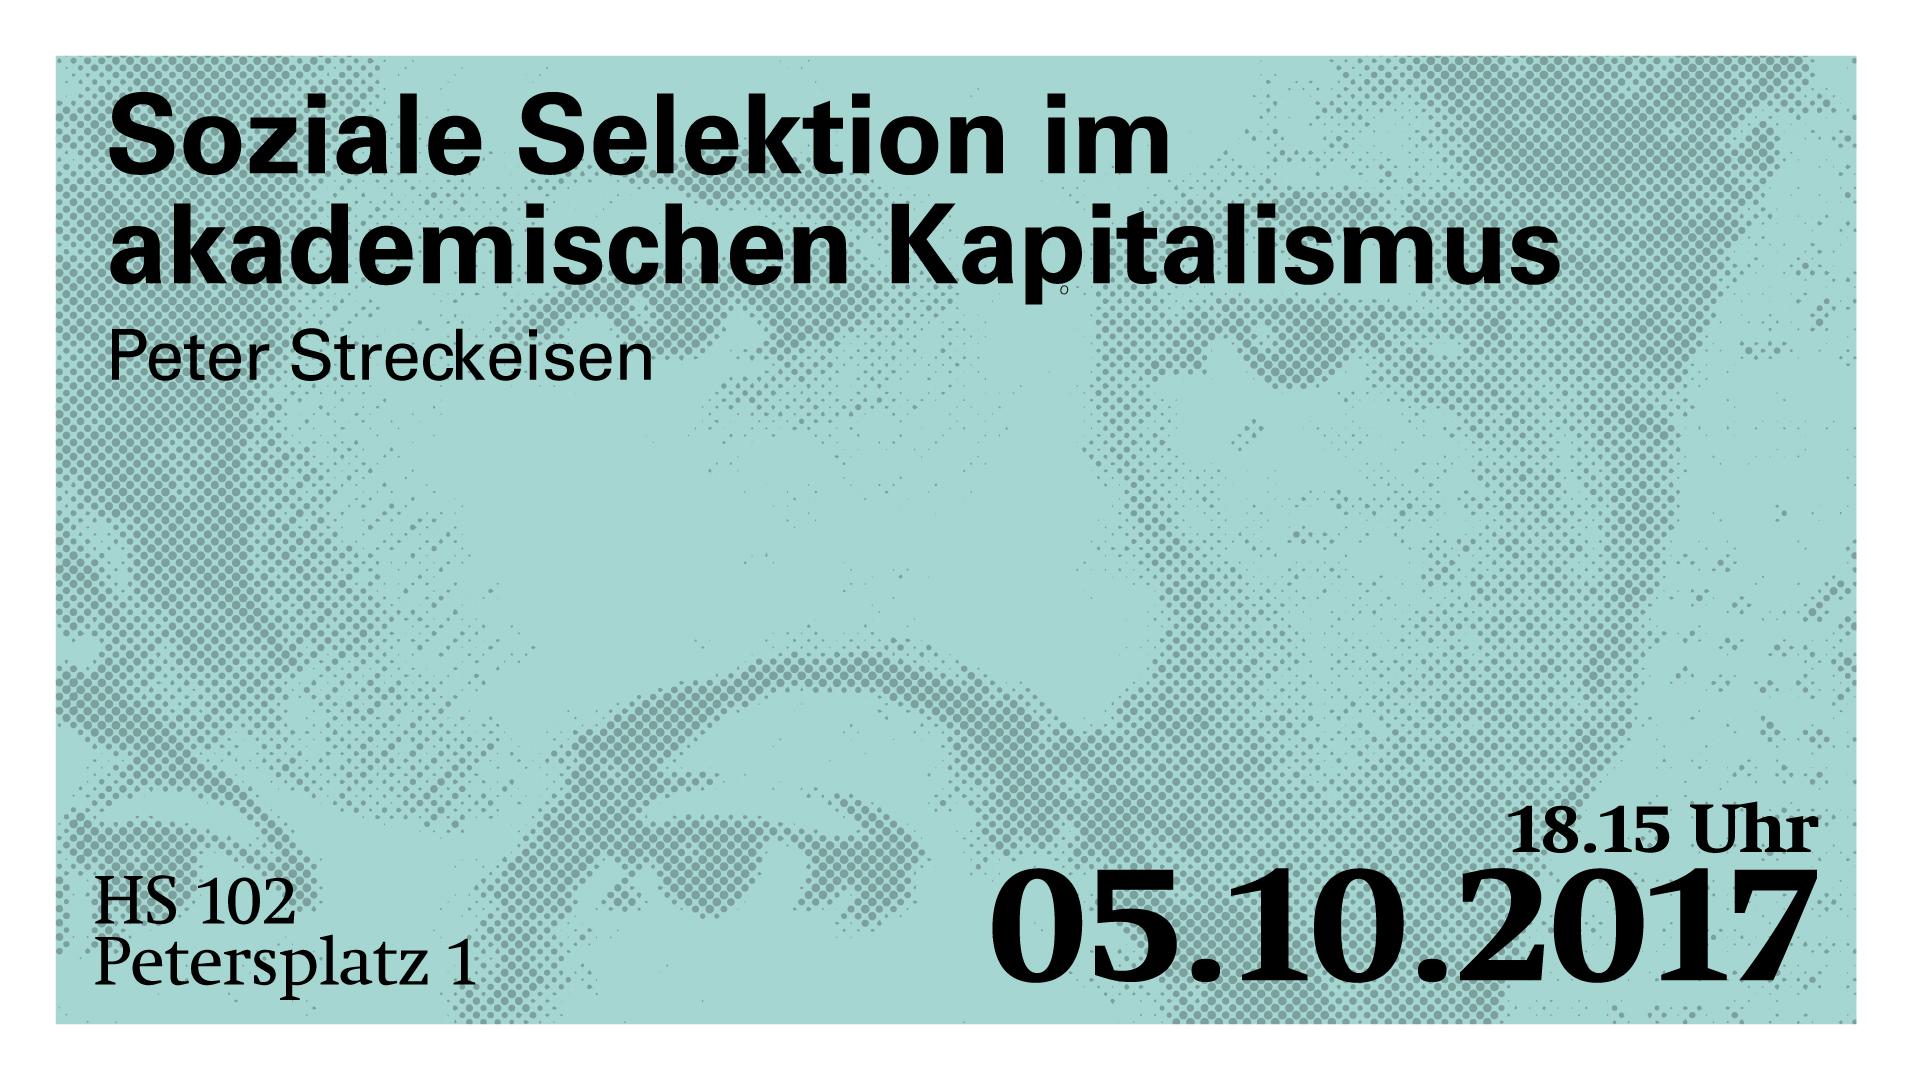 Peter Steckeisen: Soziale Selektion im akademischen Kapitalismus